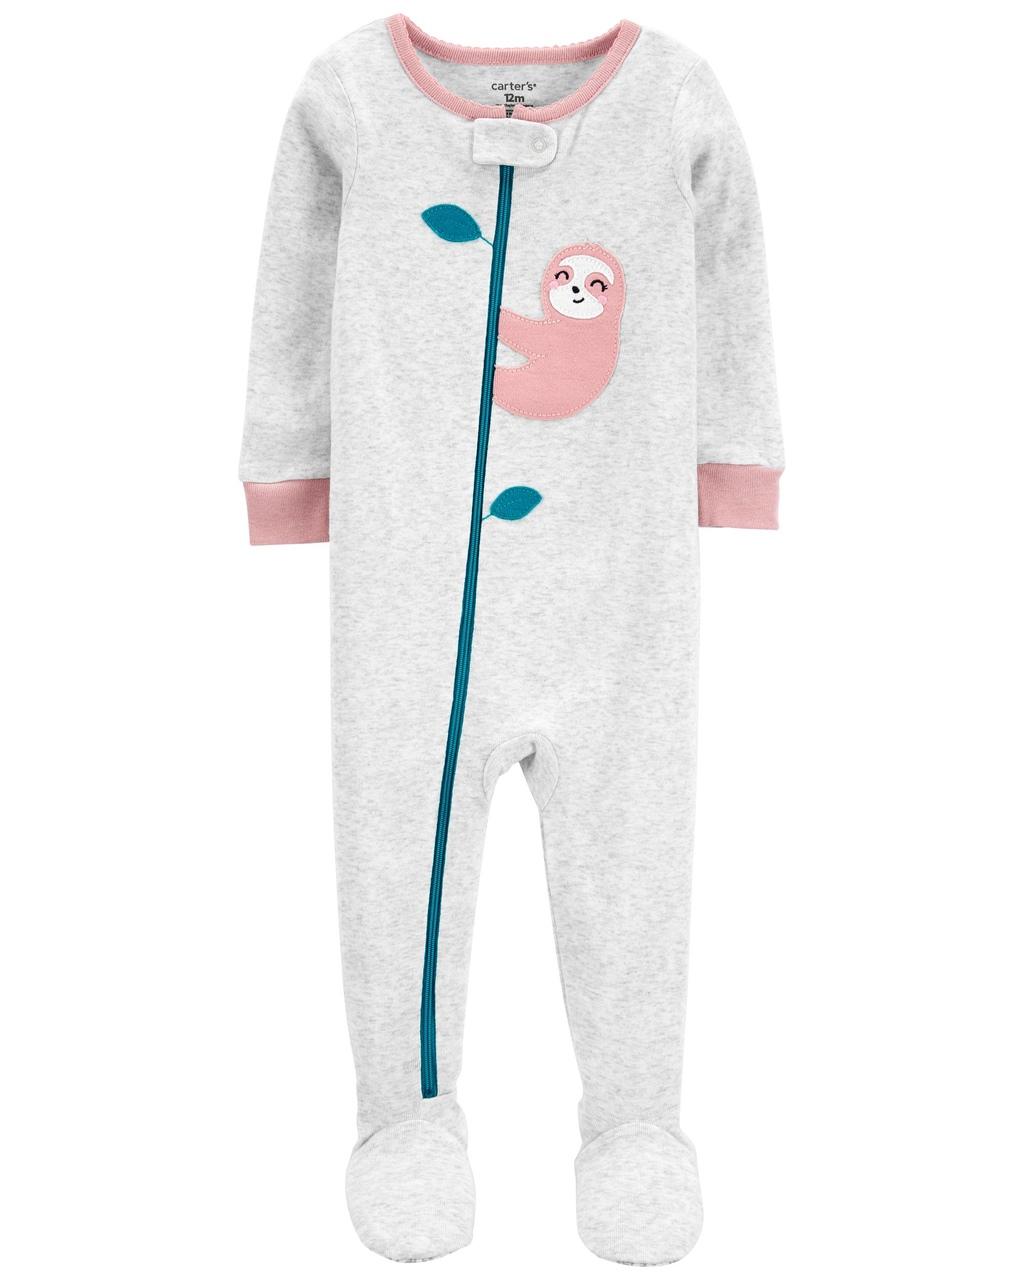 Pijama Bicho Preguiça Carter's